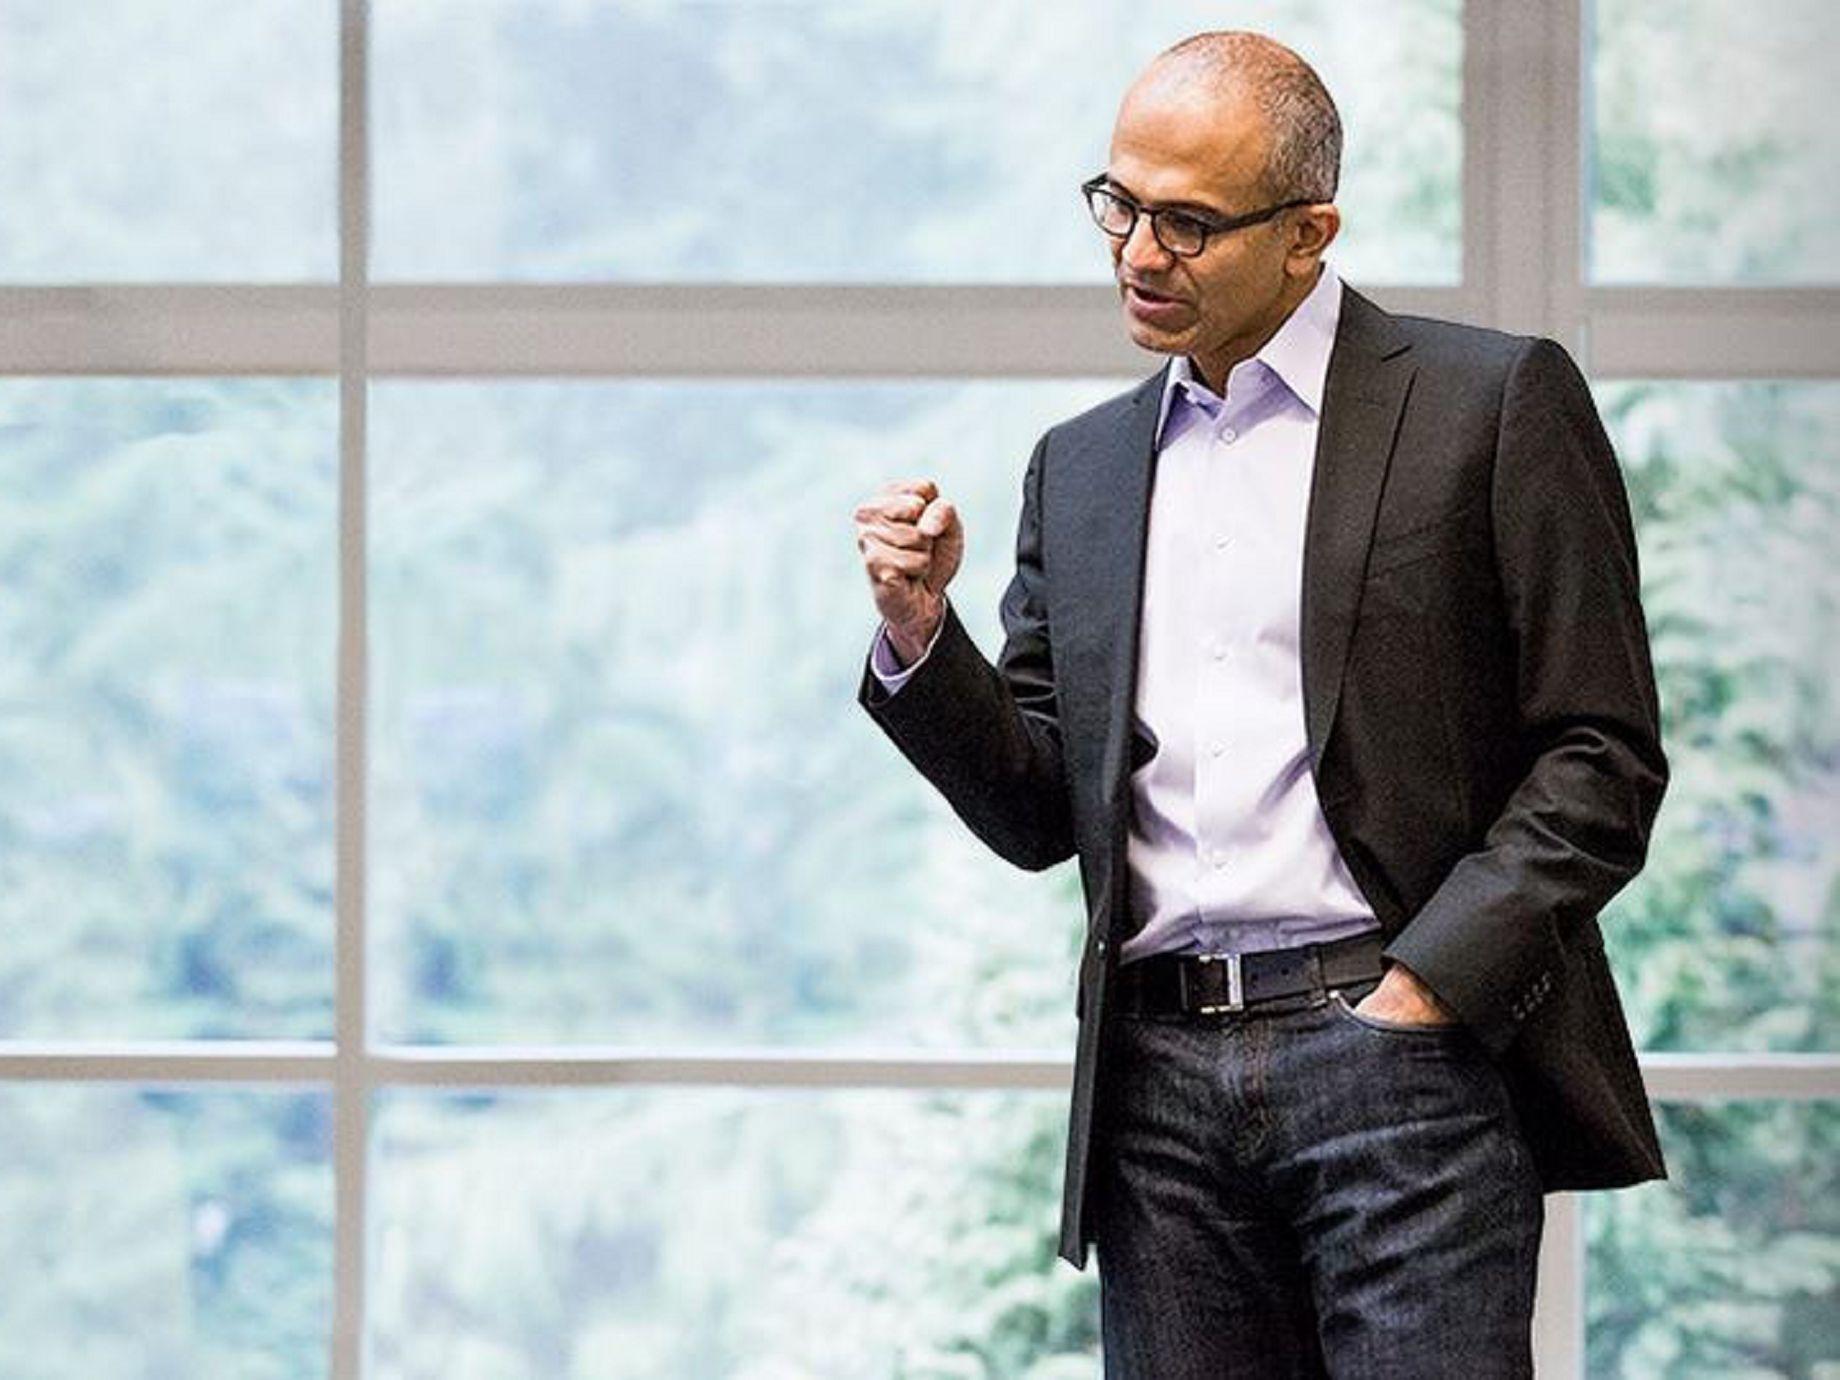 微軟CEO納德拉,帶領微軟的寧靜改革:雲端、硬體、AI